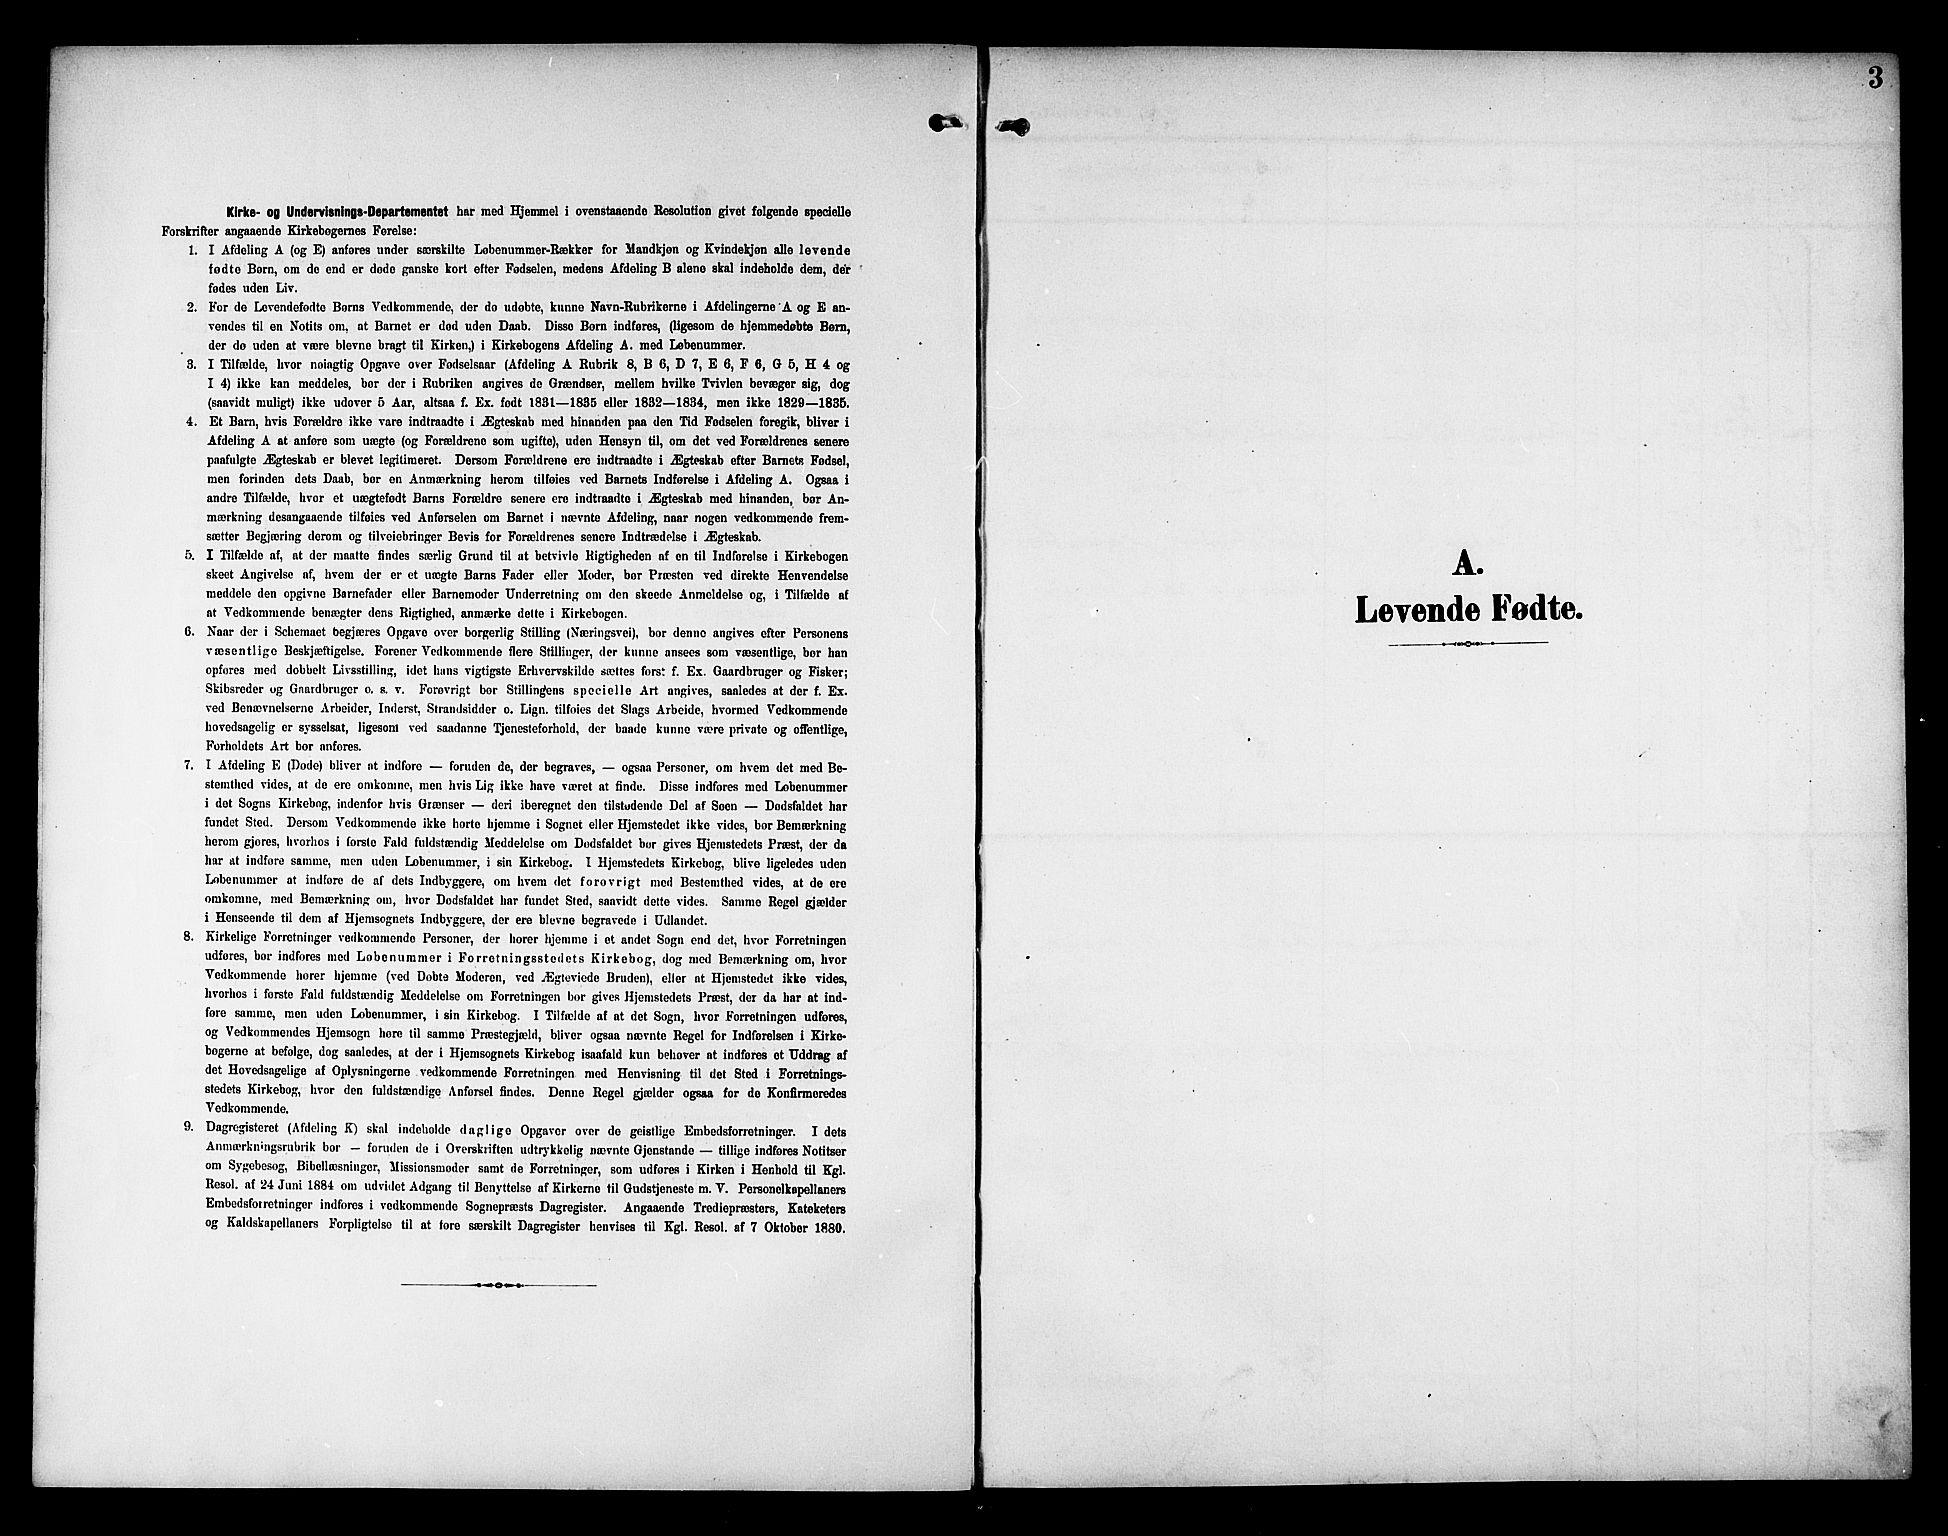 SAT, Ministerialprotokoller, klokkerbøker og fødselsregistre - Nord-Trøndelag, 757/L0506: Klokkerbok nr. 757C01, 1904-1922, s. 3